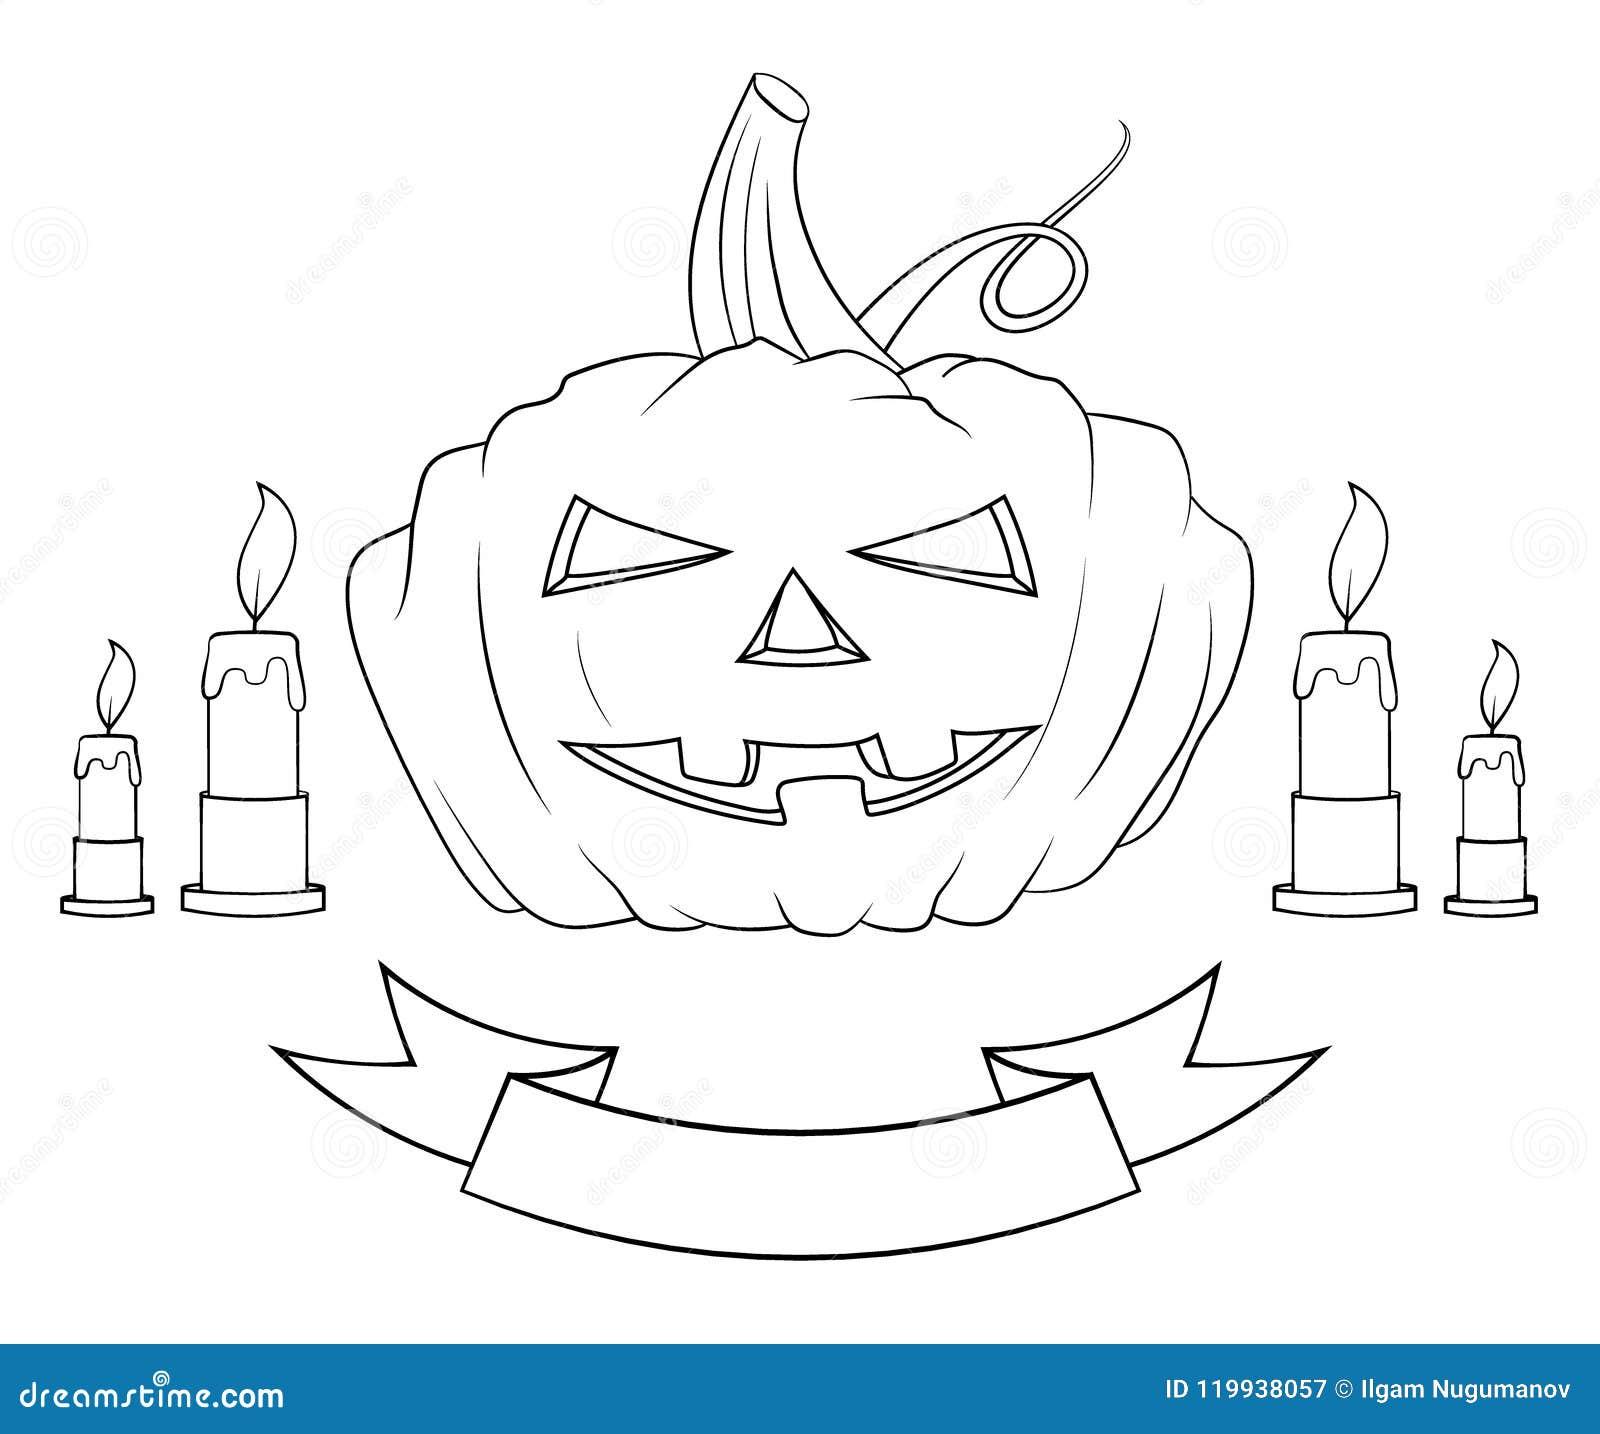 halloween pumpkin four candles and tape hand drawing pumpkin